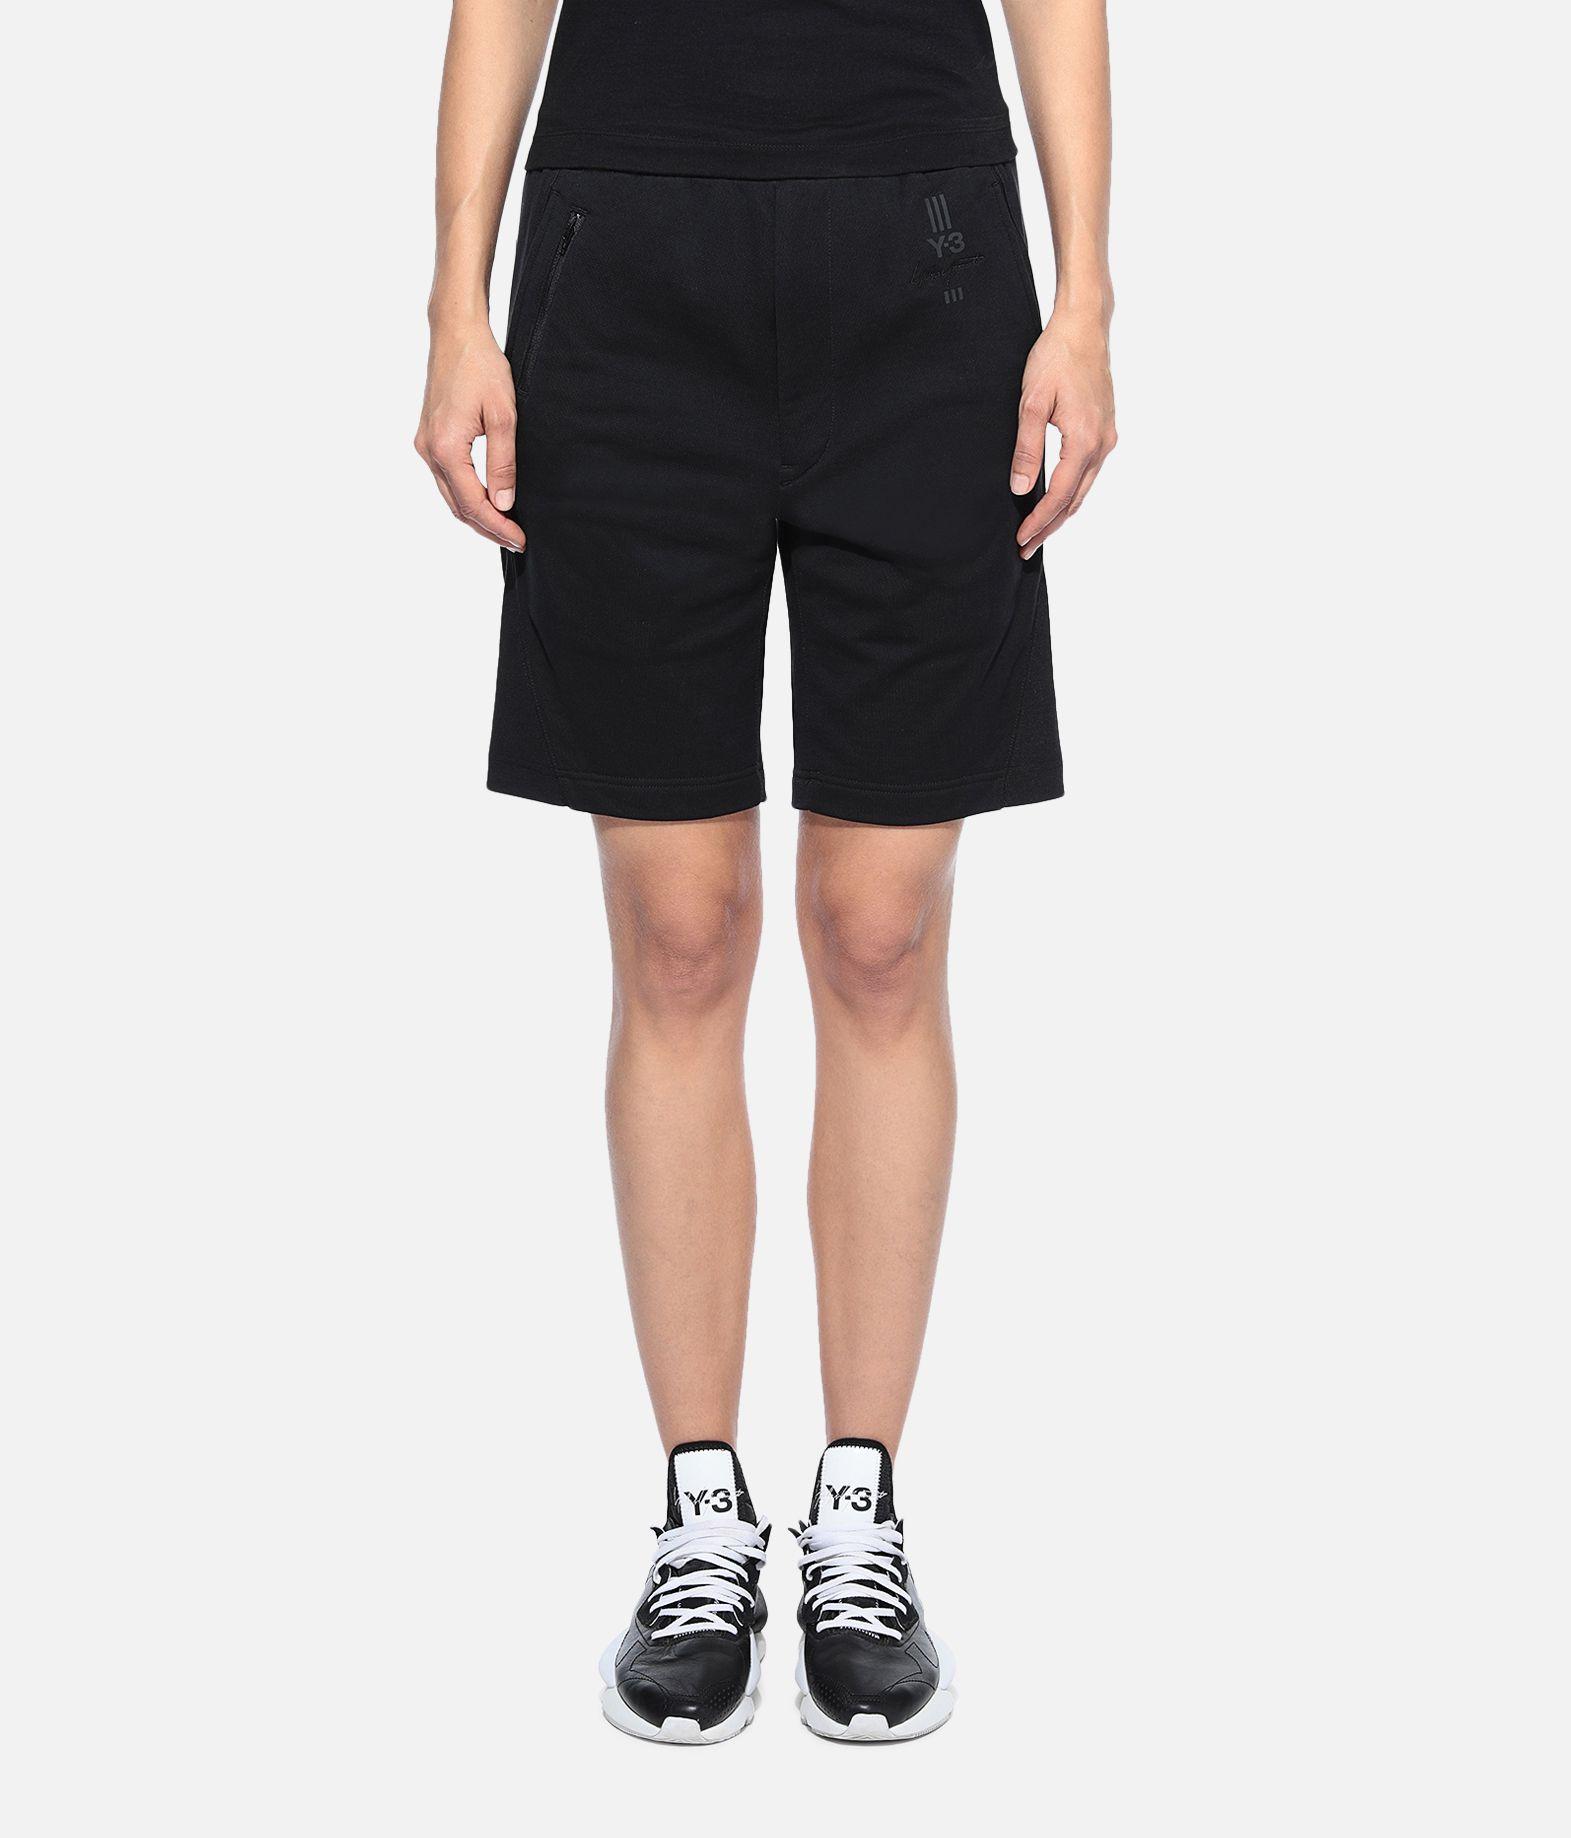 Y-3 Y-3 Classic Shorts Шорты Для Женщин r